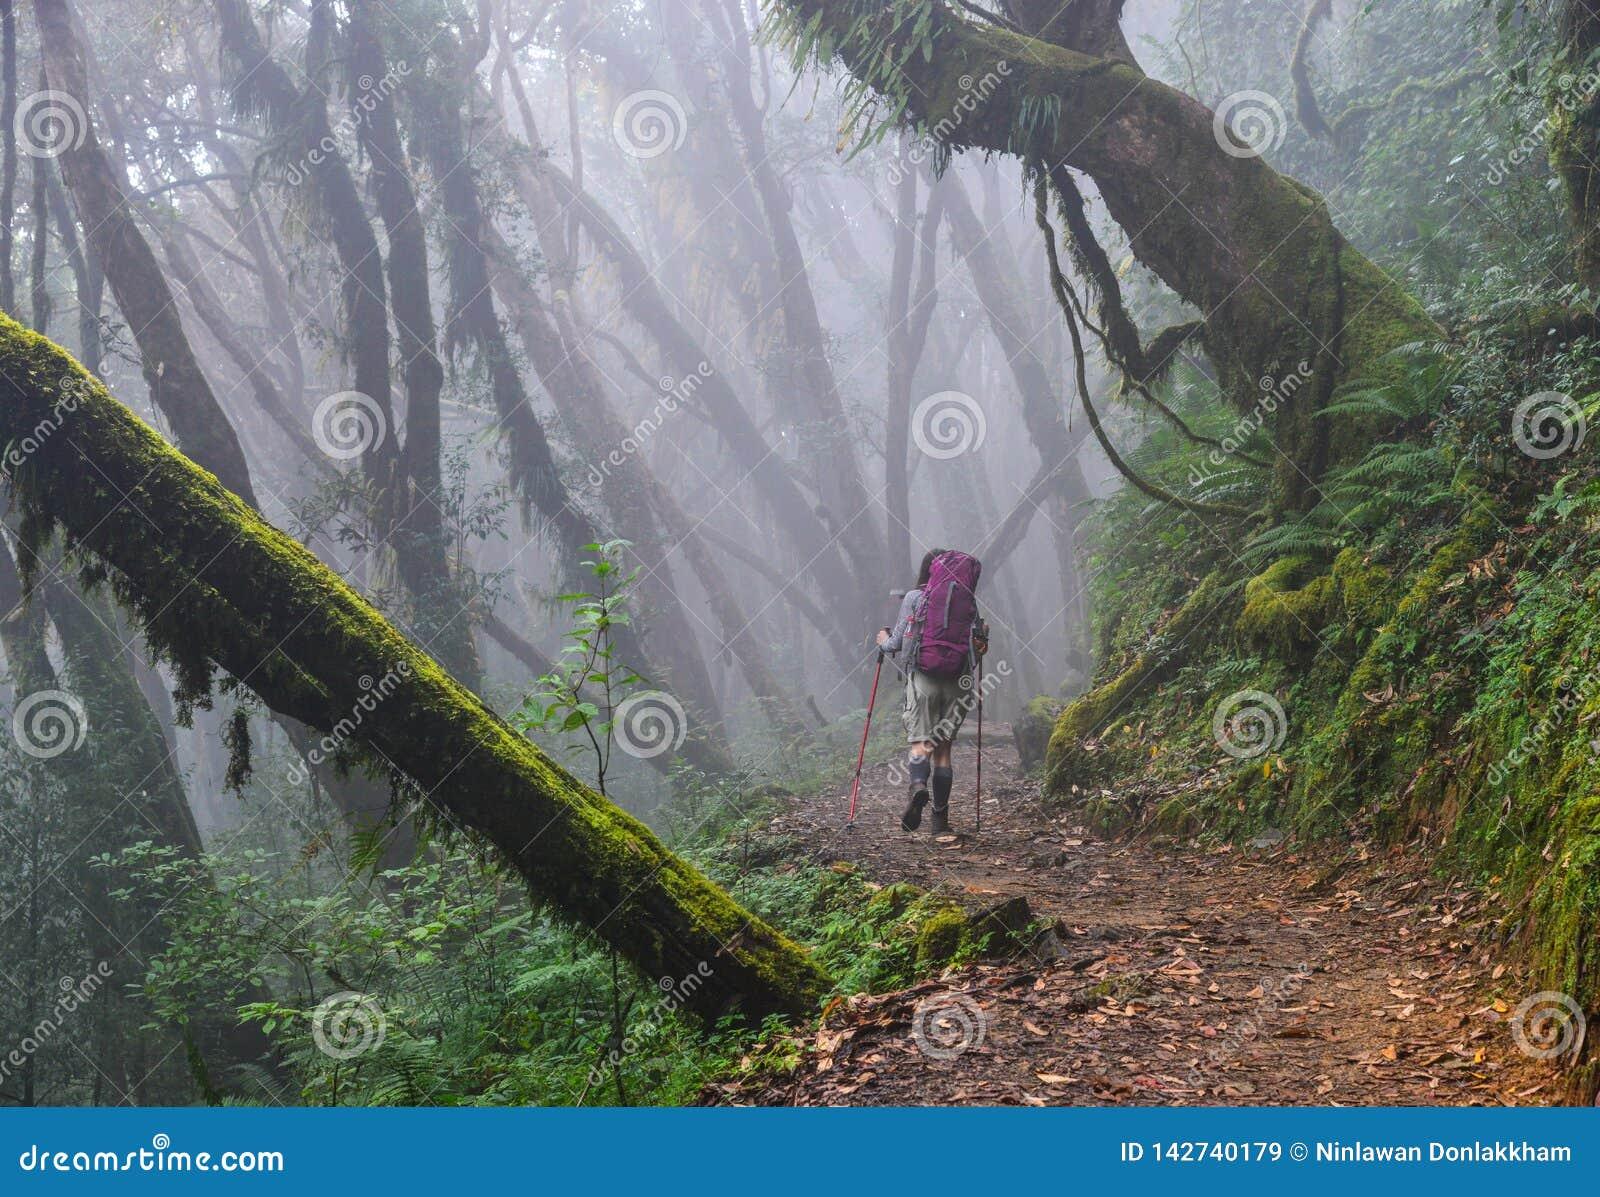 迁徙在森林里的人们